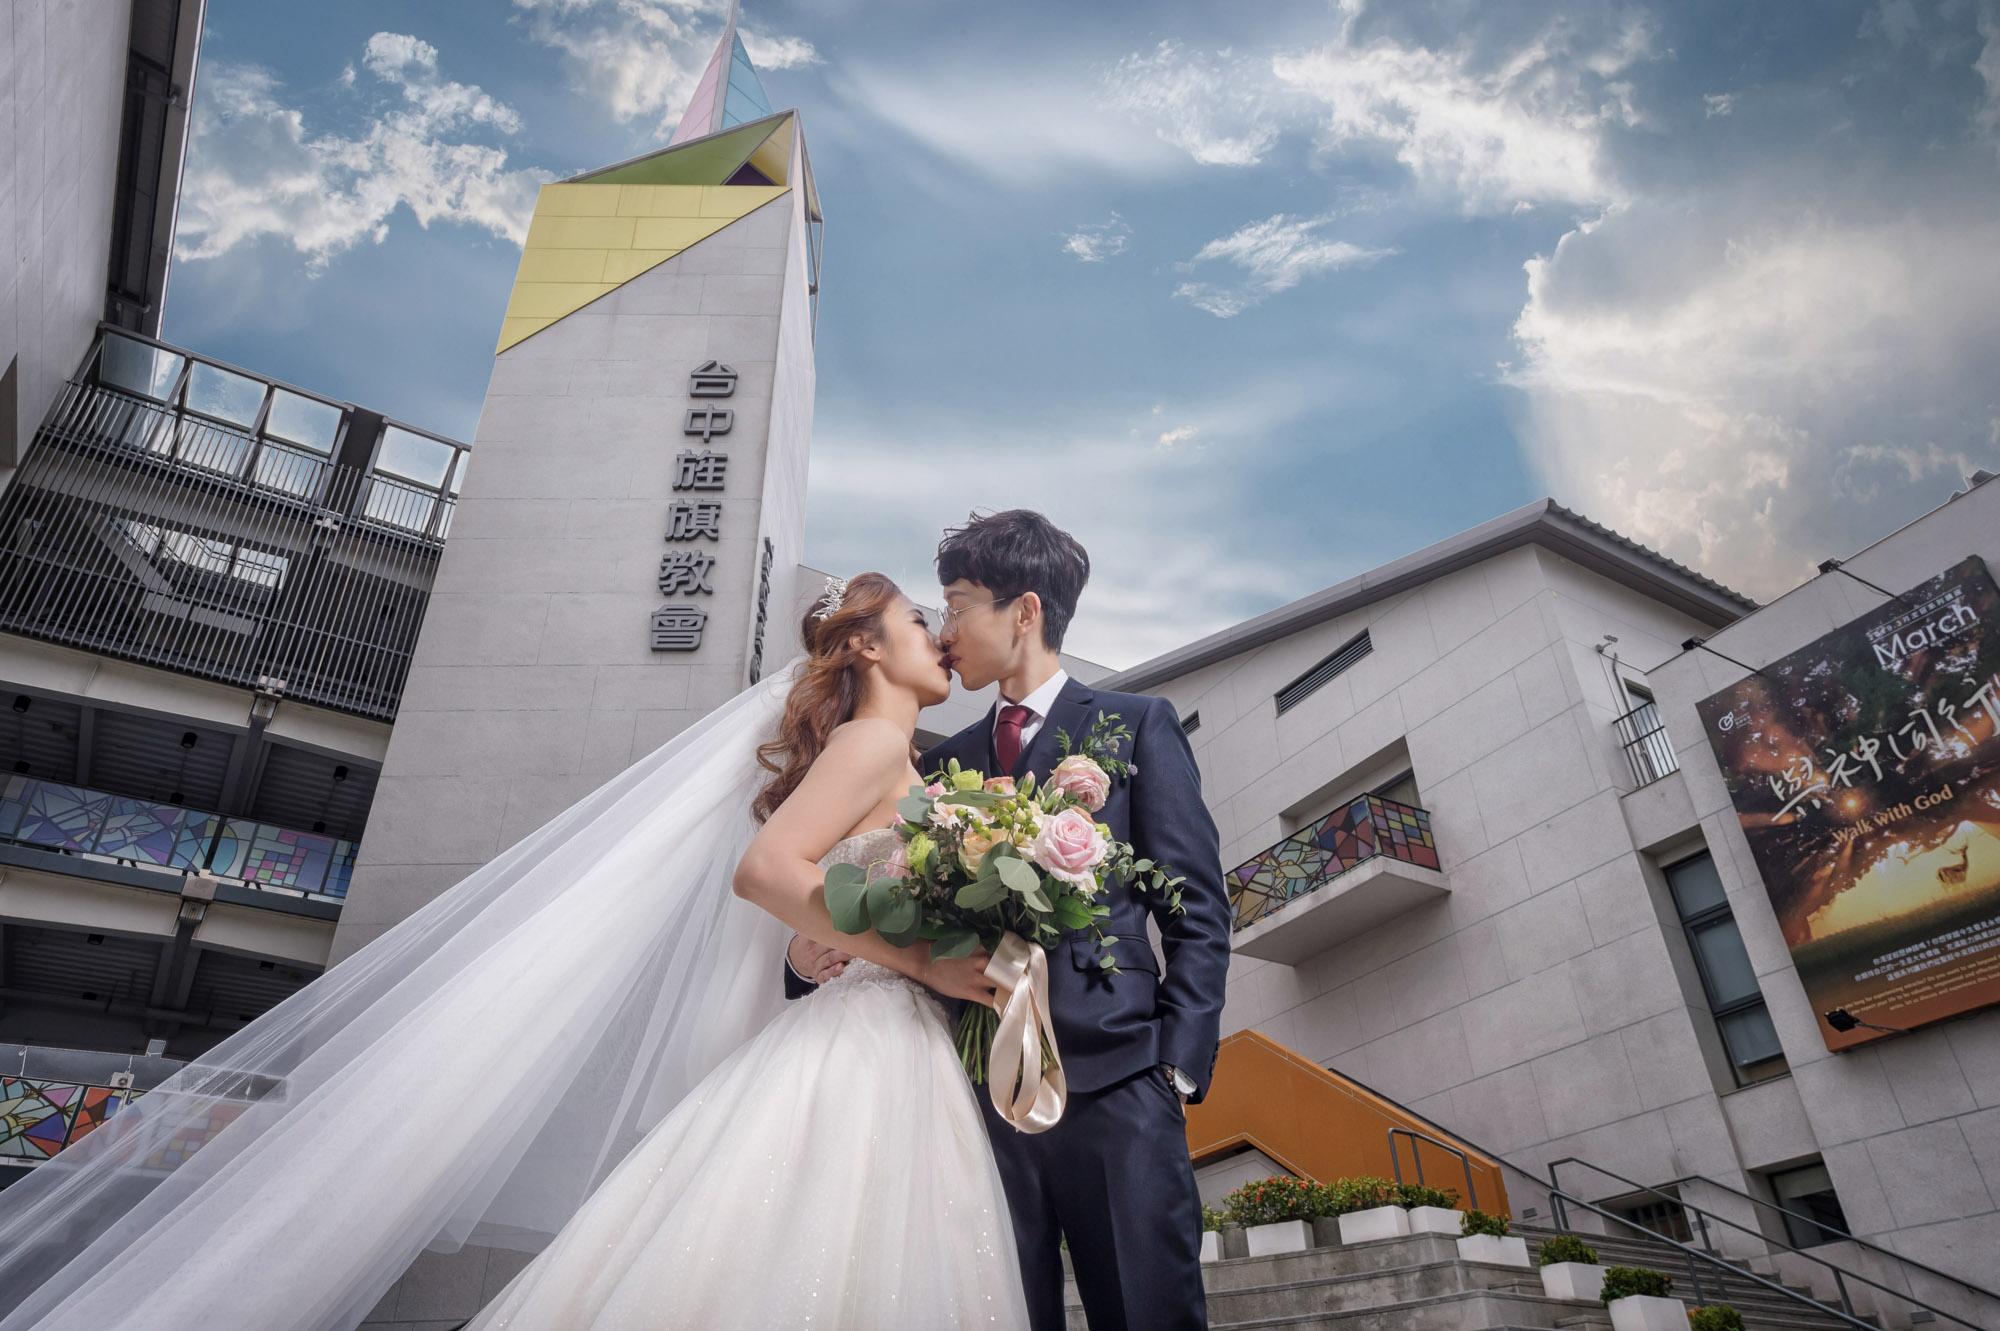 台中旌旗教會婚攝123